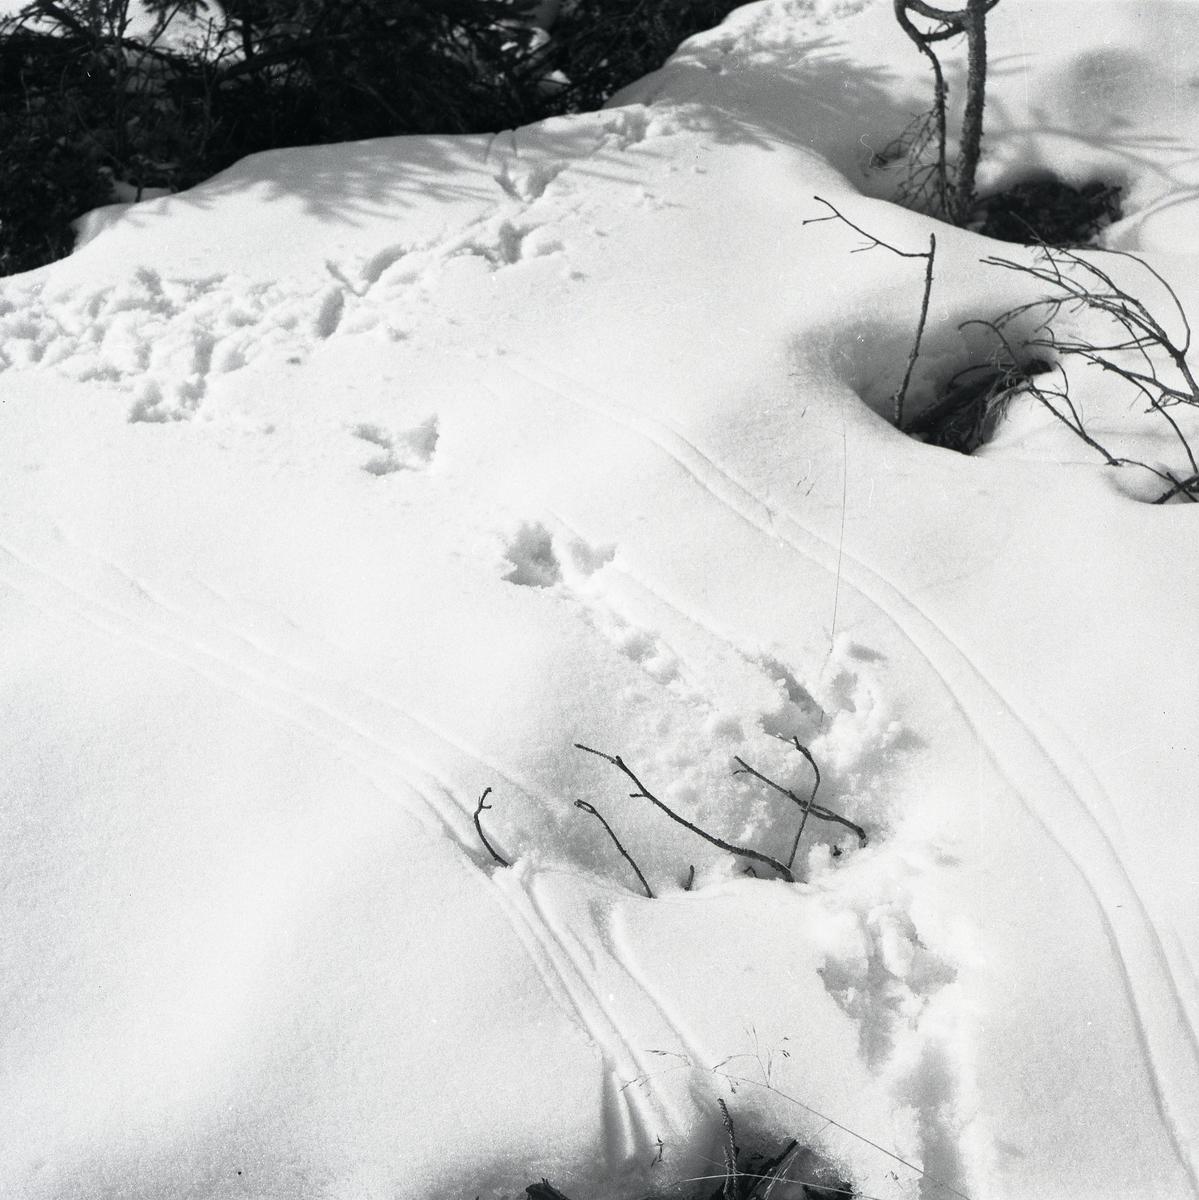 Spår från spelande tjäder i snön, 2 mars 1954.